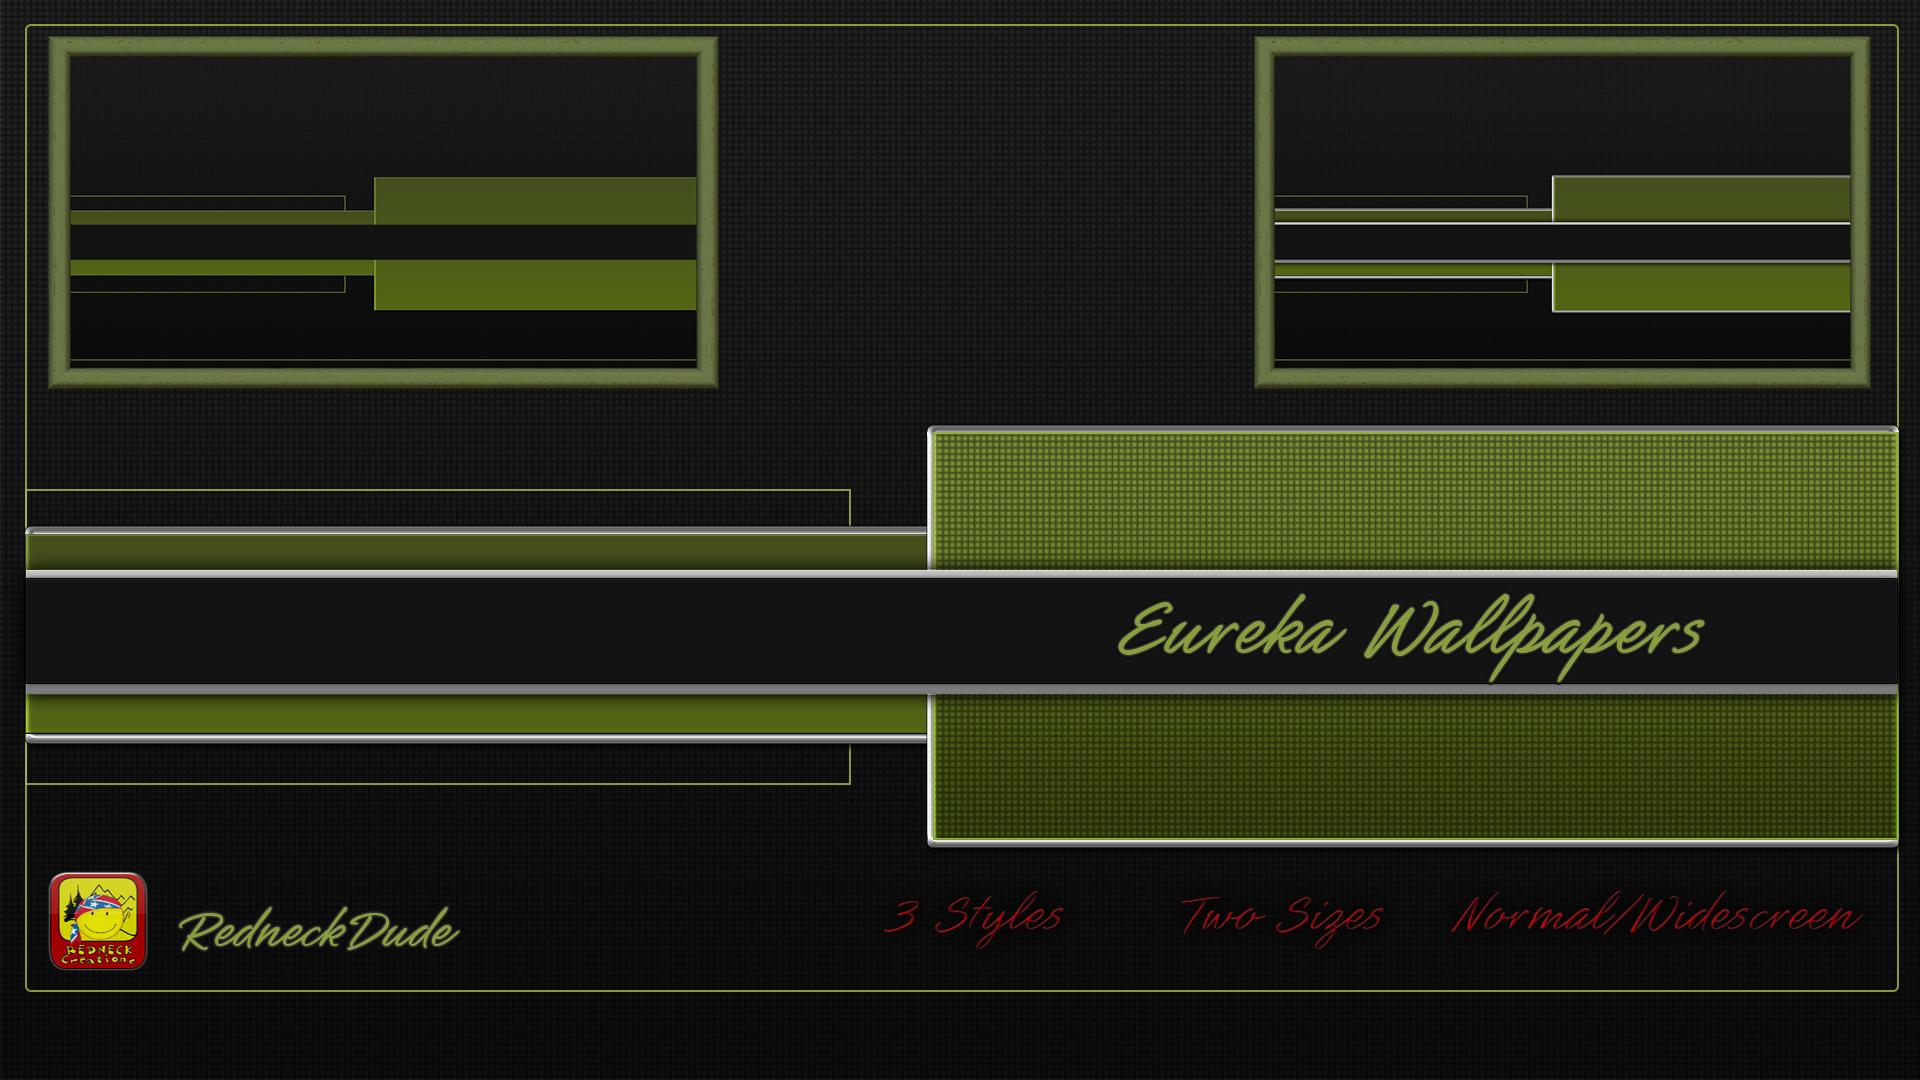 Eureka Walls